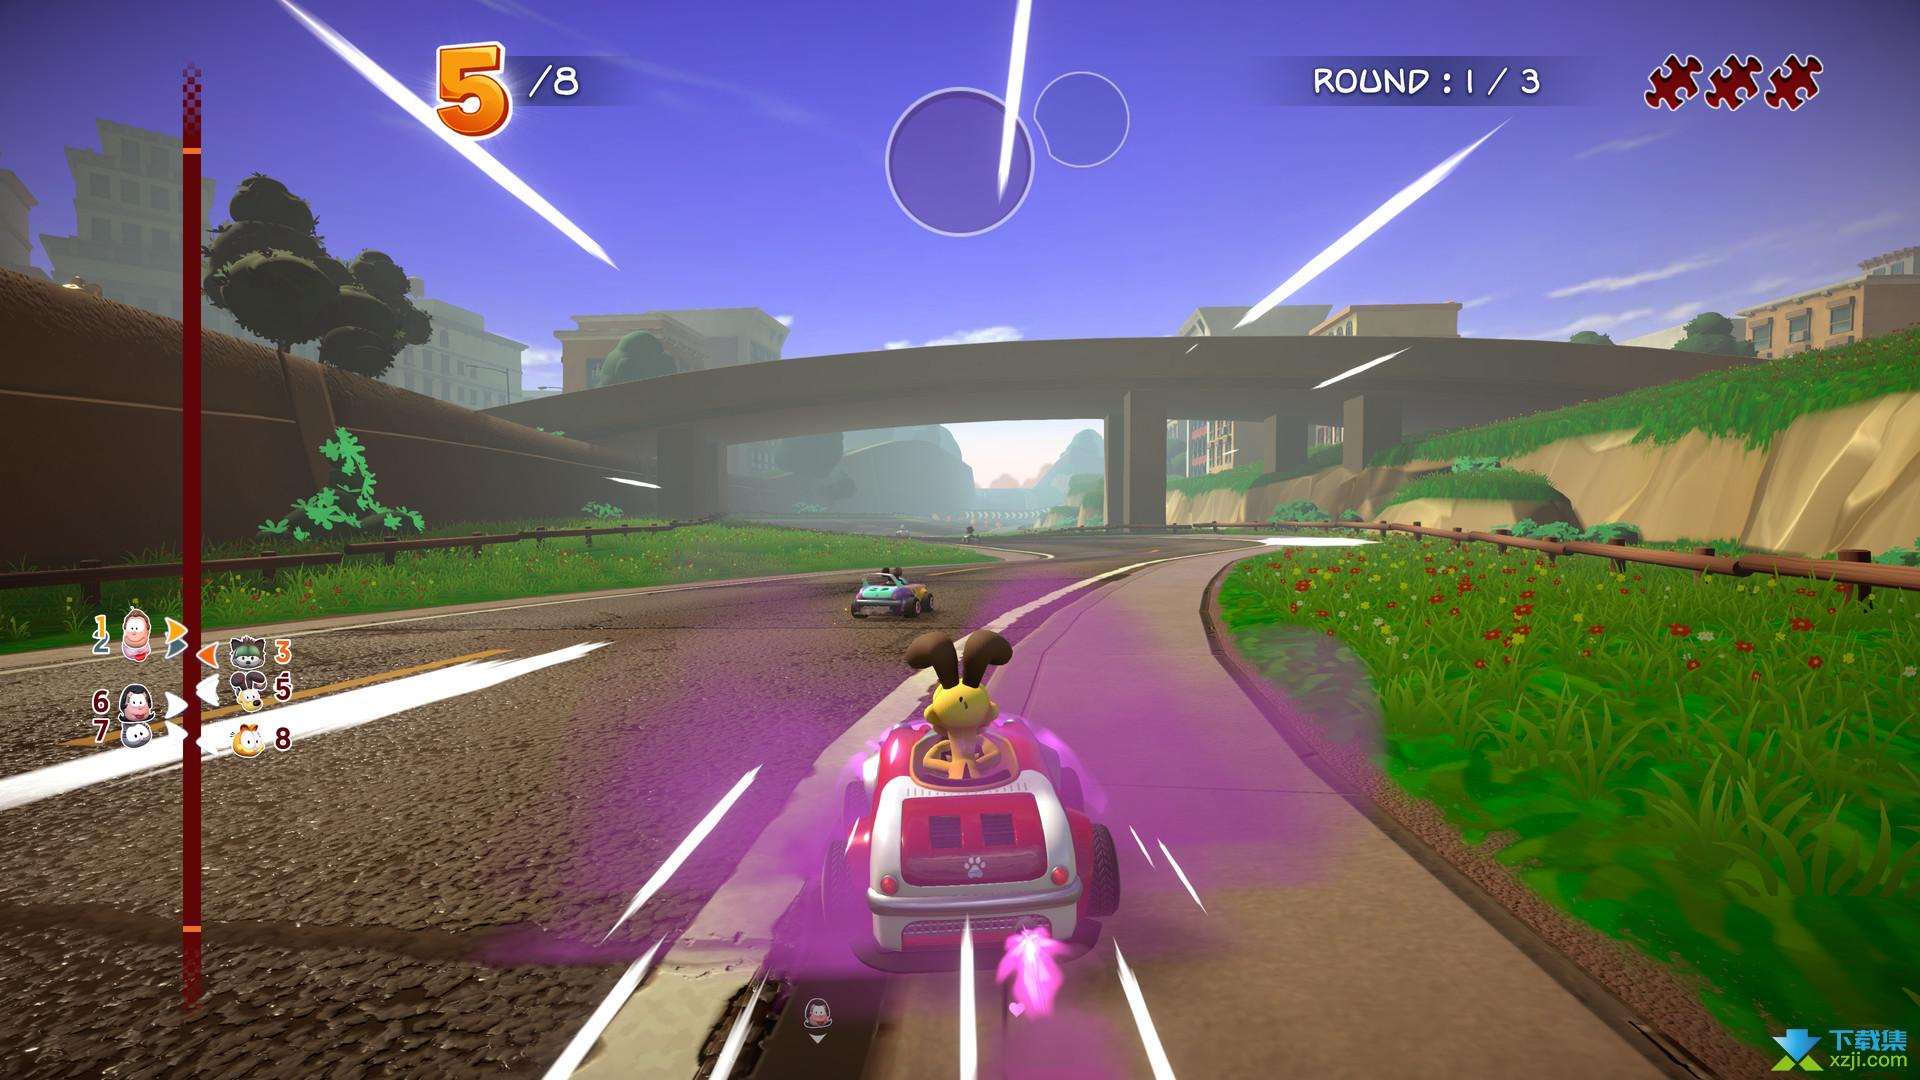 加菲猫卡丁车激情竞速界面2